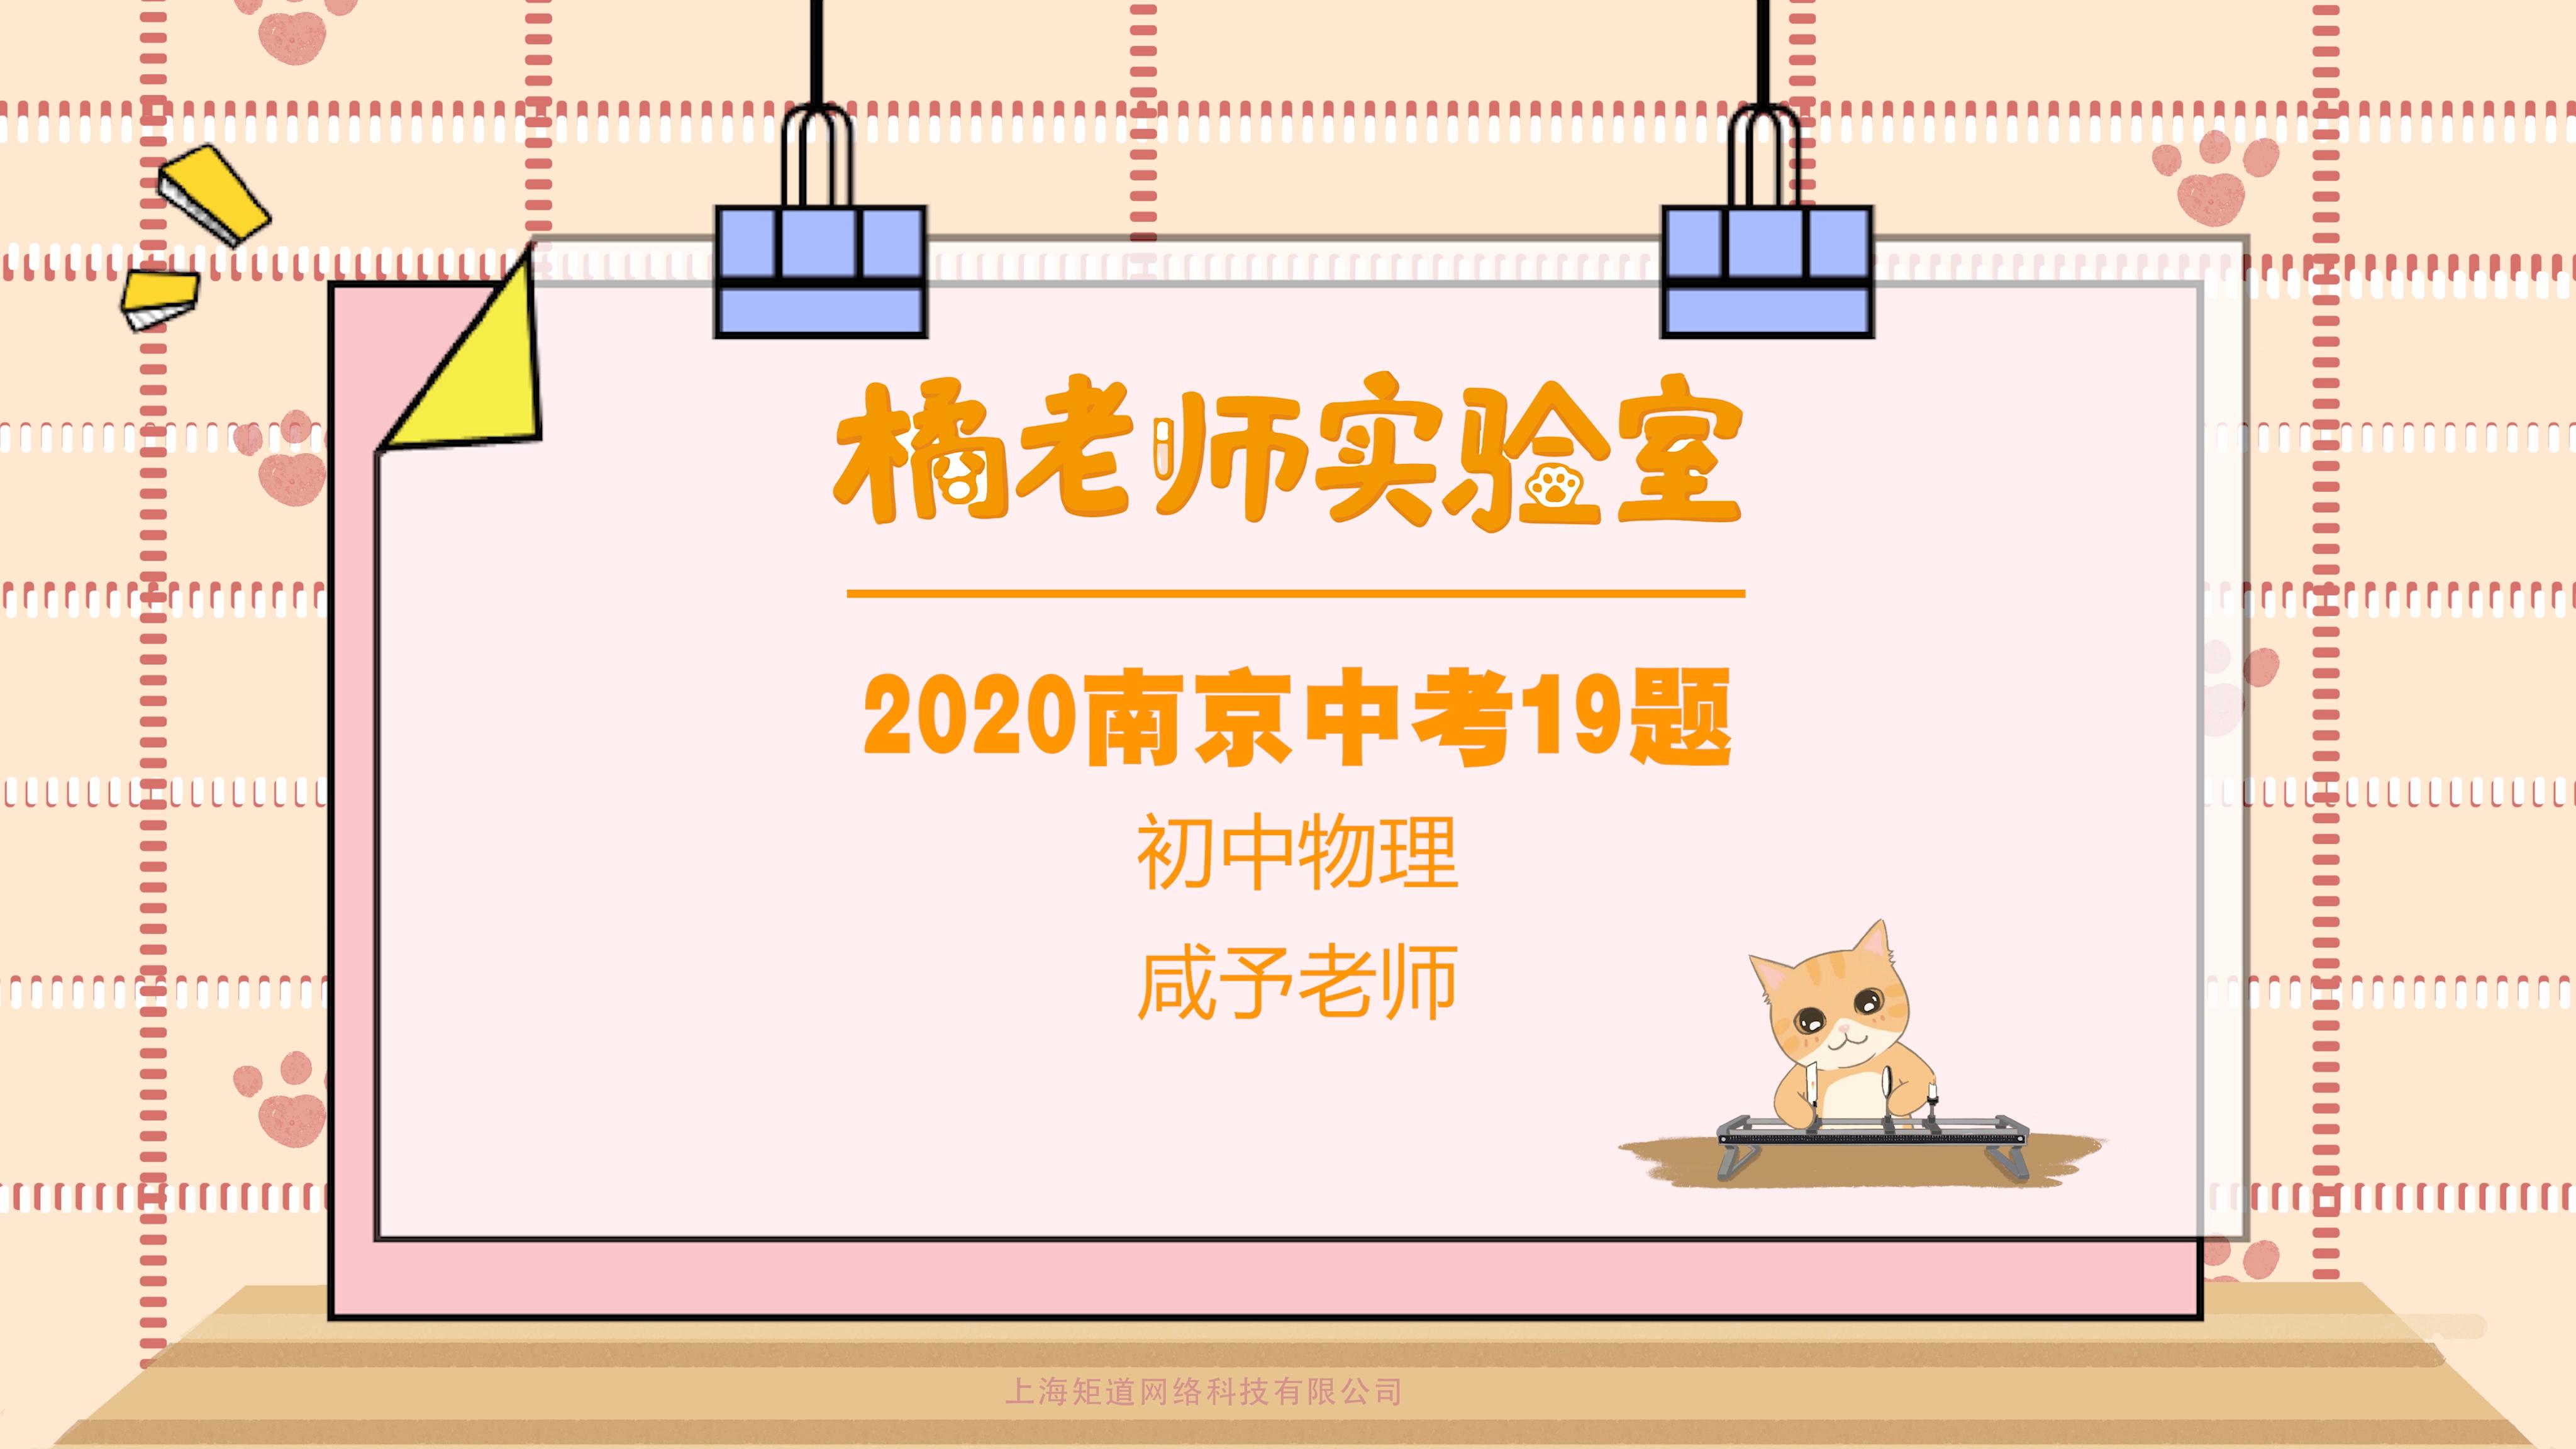 第一百九十二期:《2020南京中考物理19题》